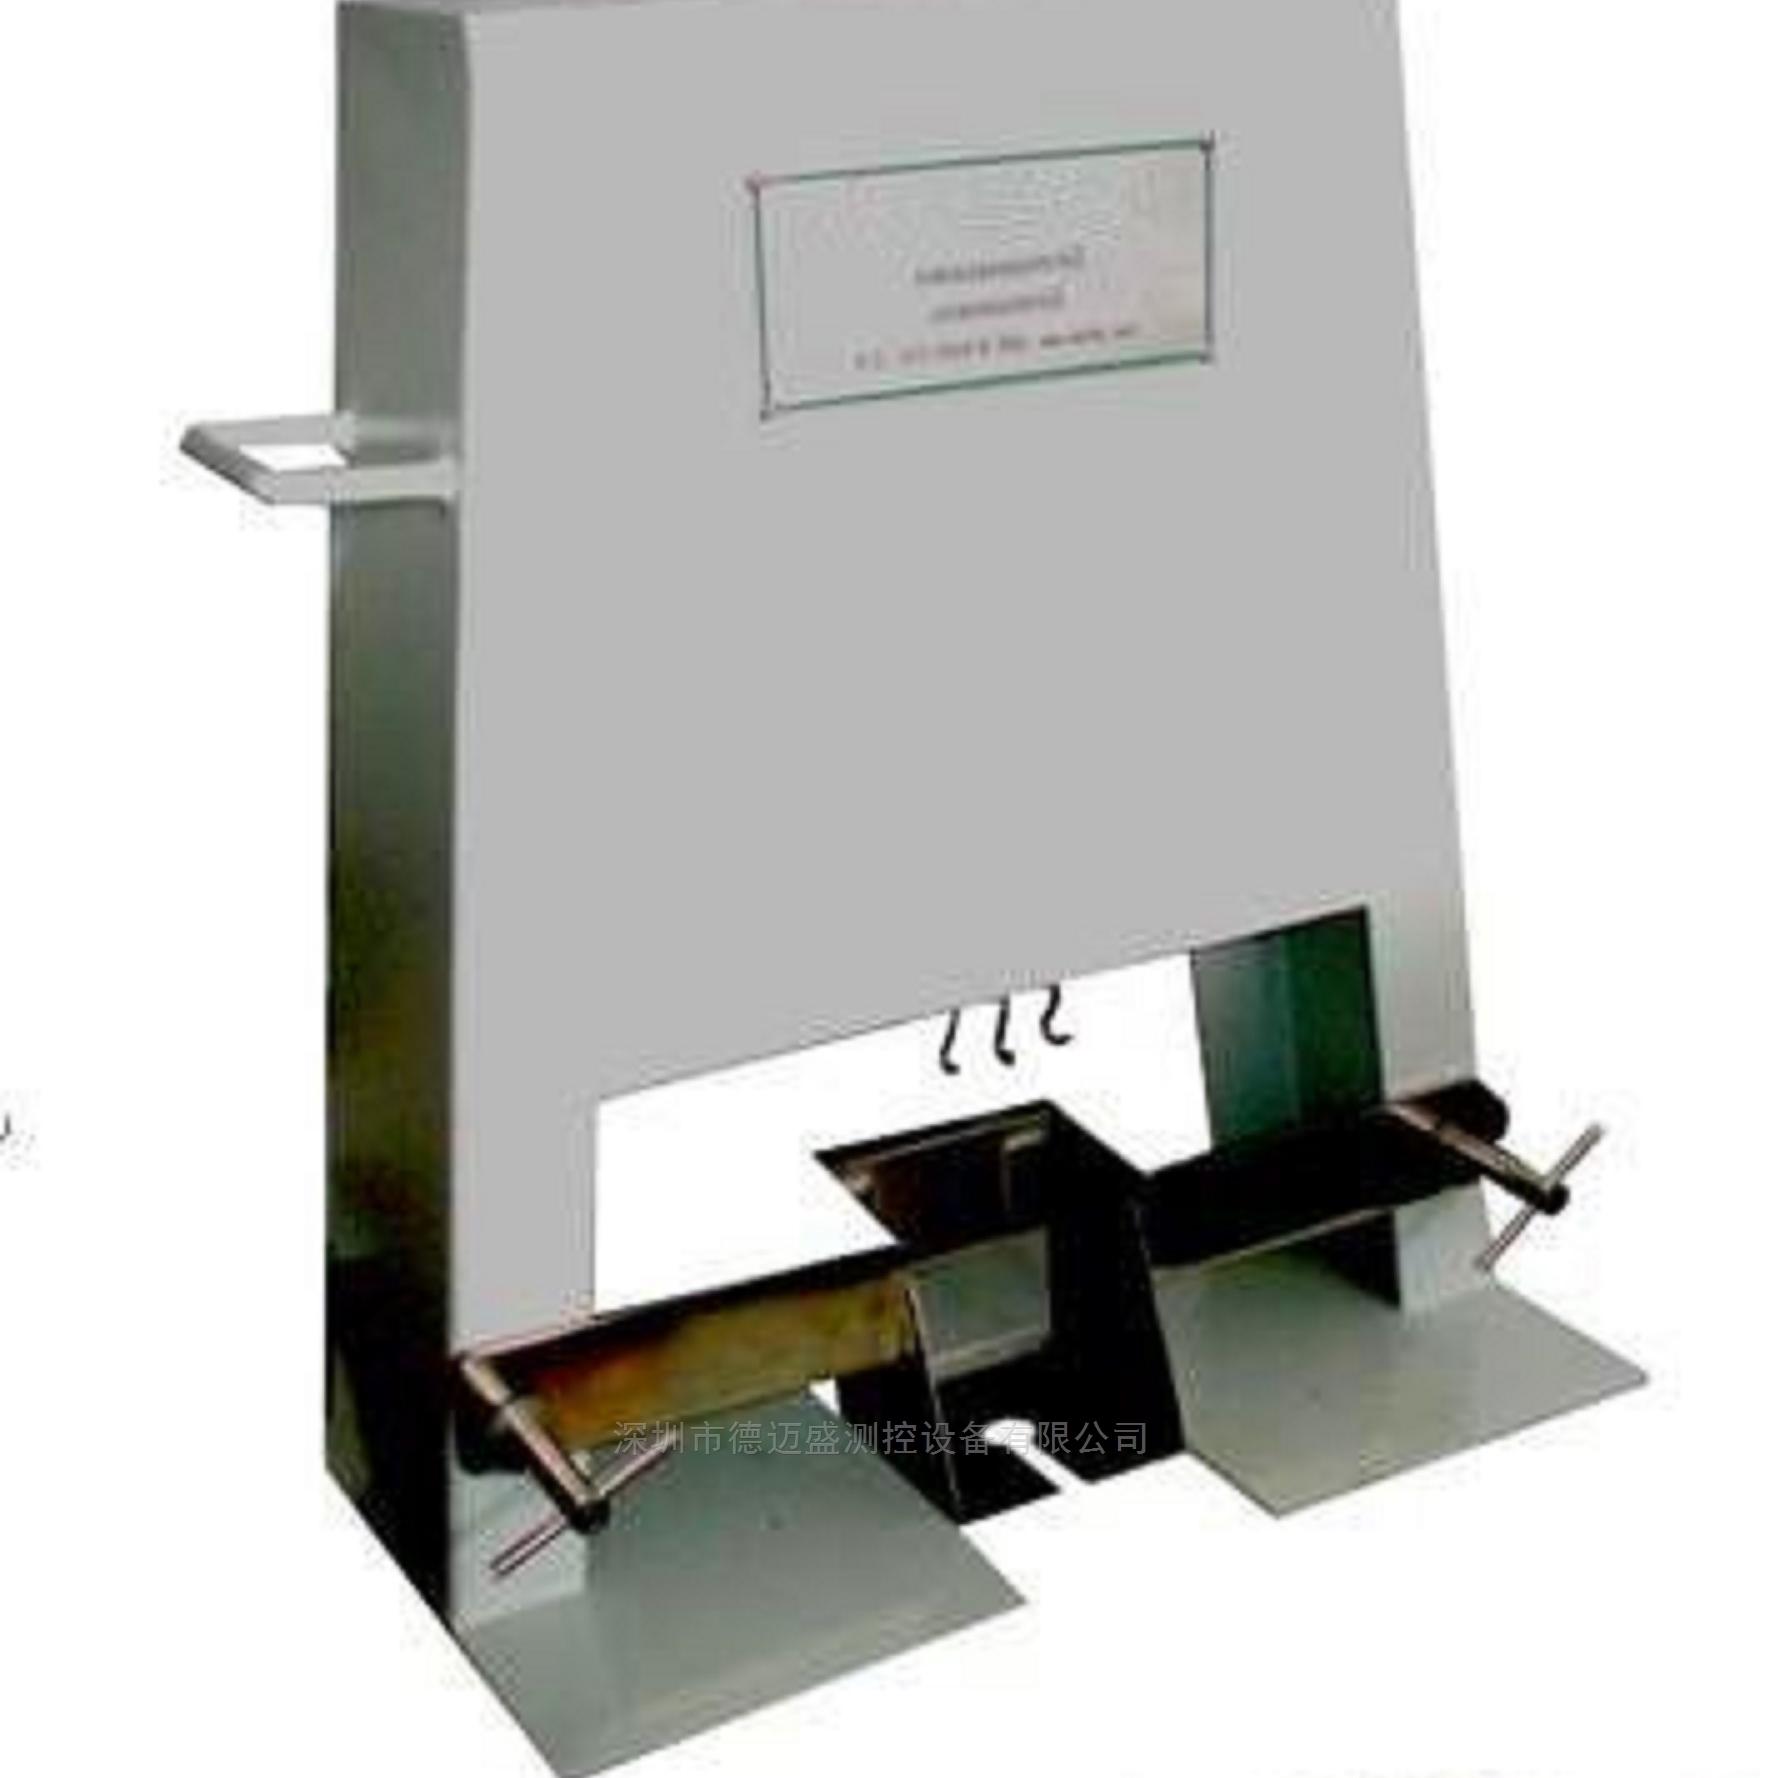 电池检测设备挤压针刺一体机